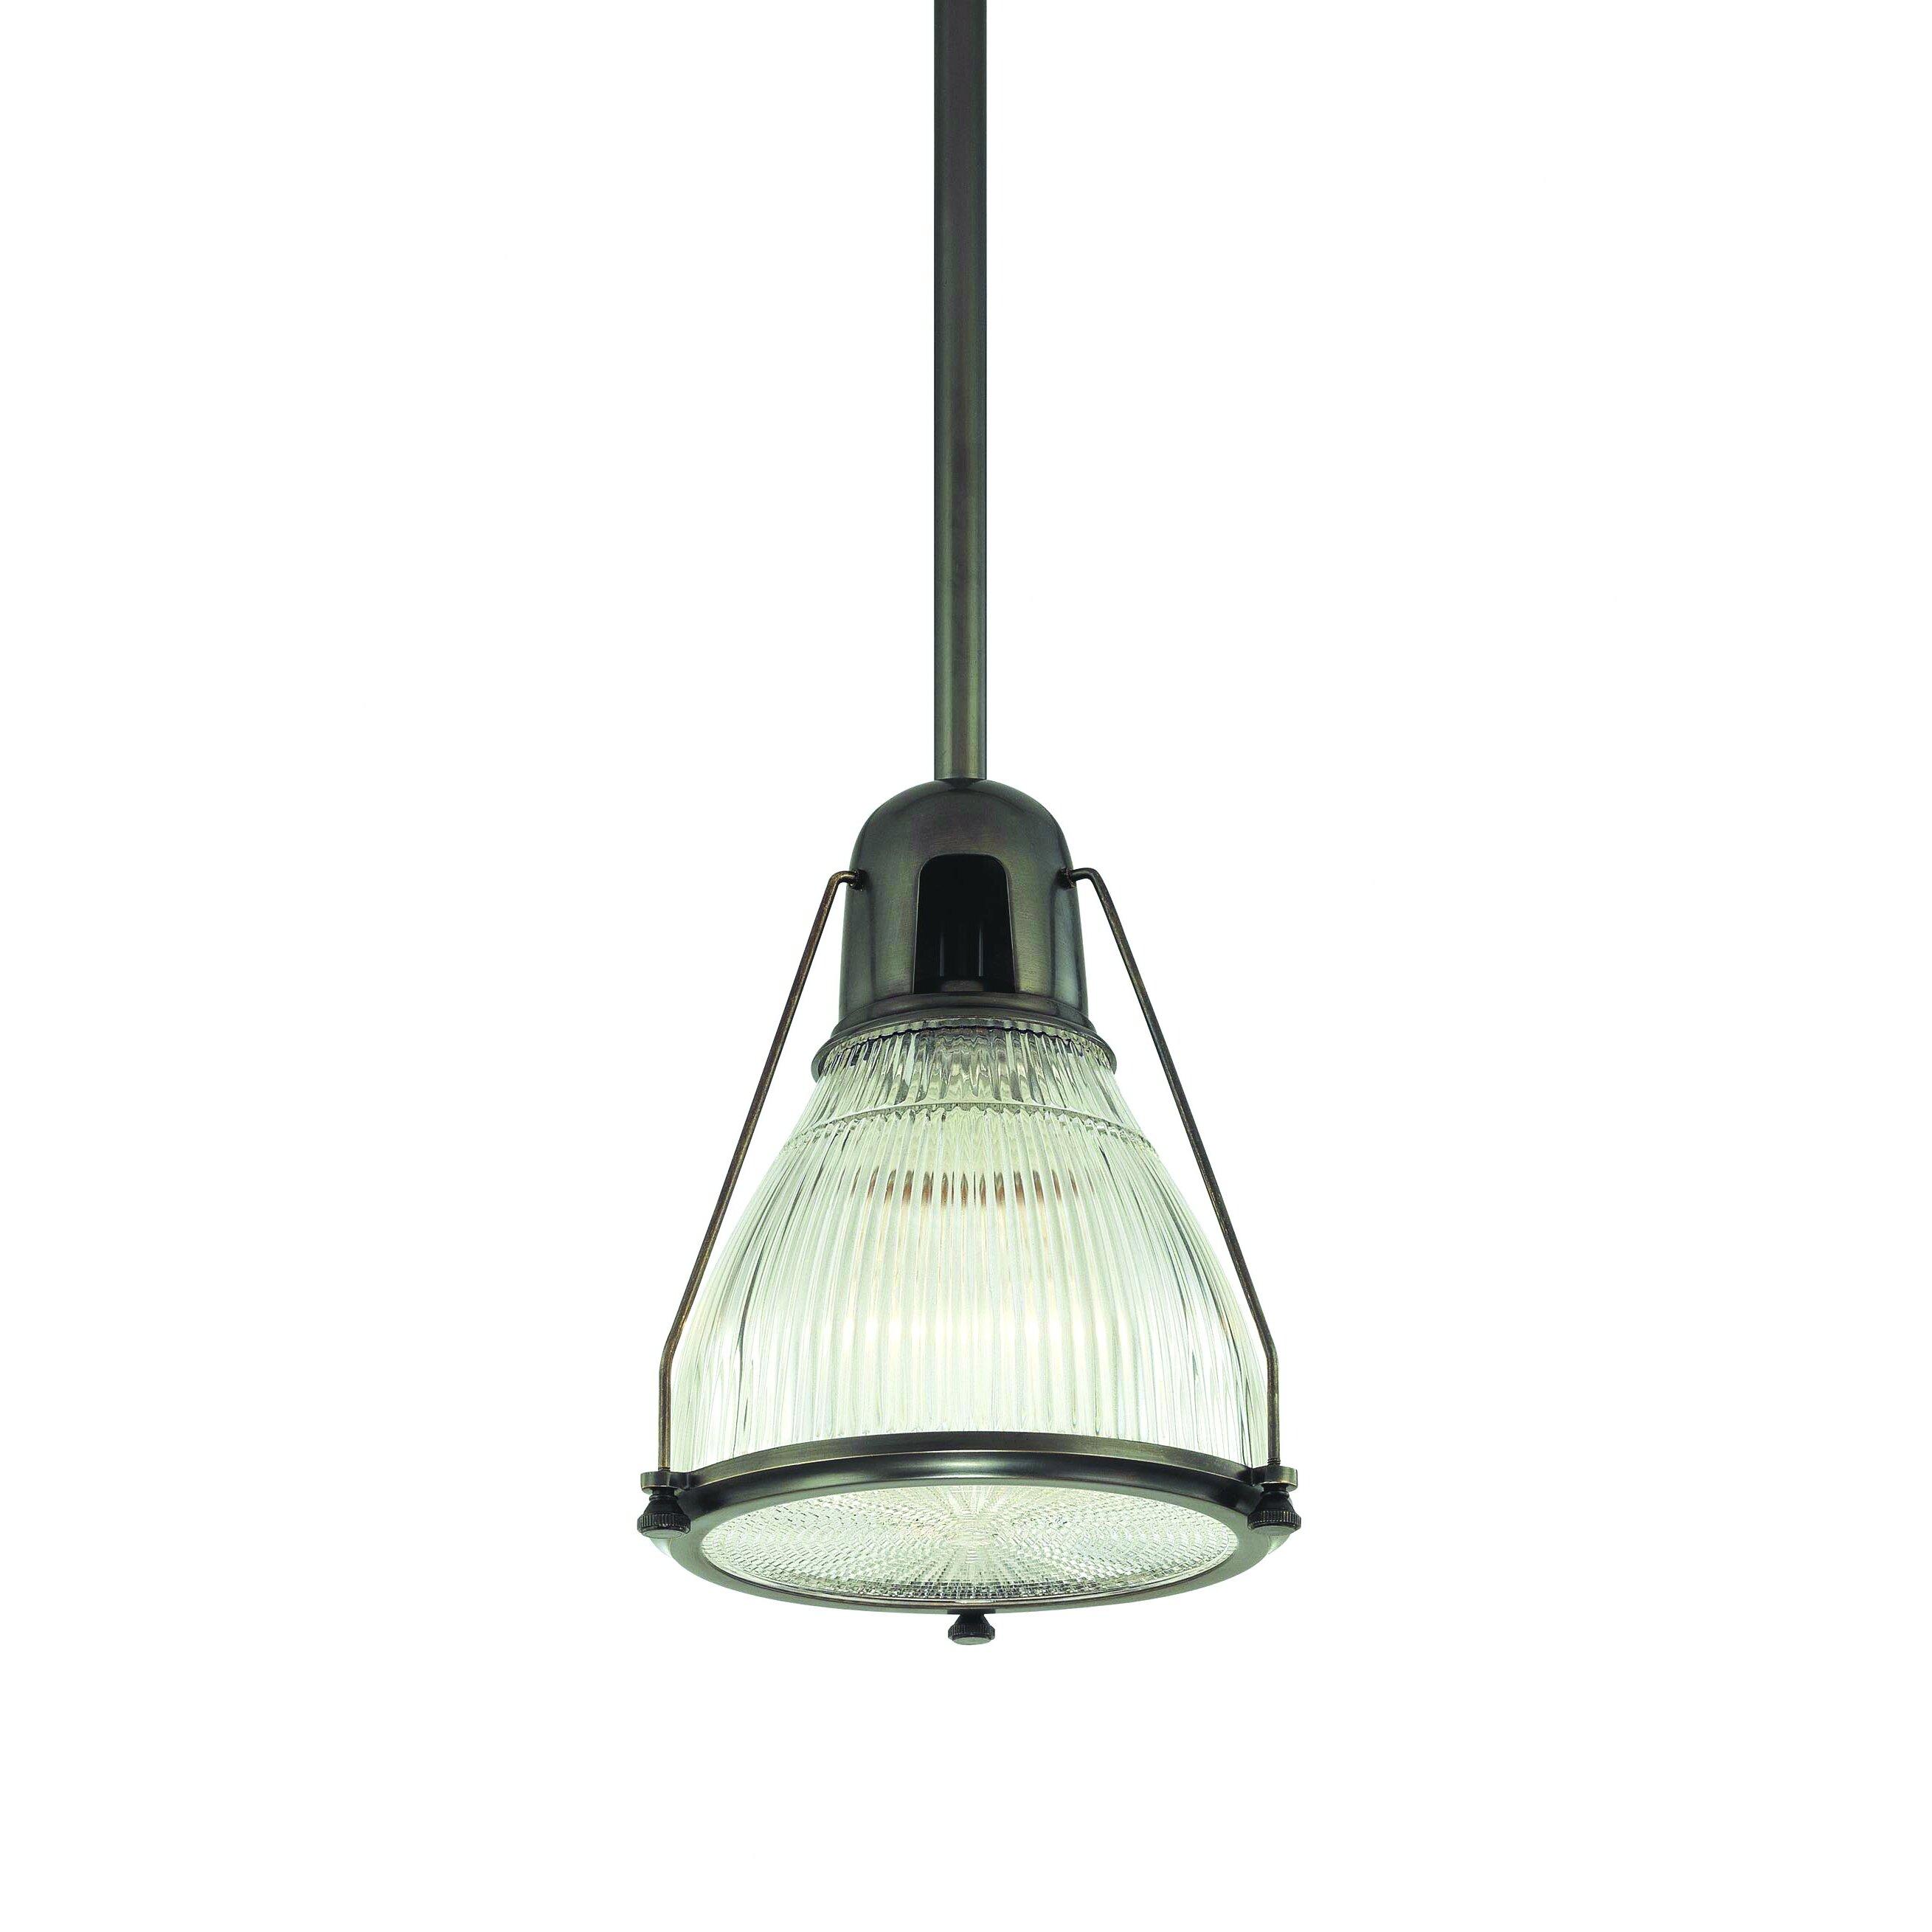 Hudson Valley Lighting Mini Hinsdale: Hudson Valley Lighting Haverhill 1 Light Mini Pendant